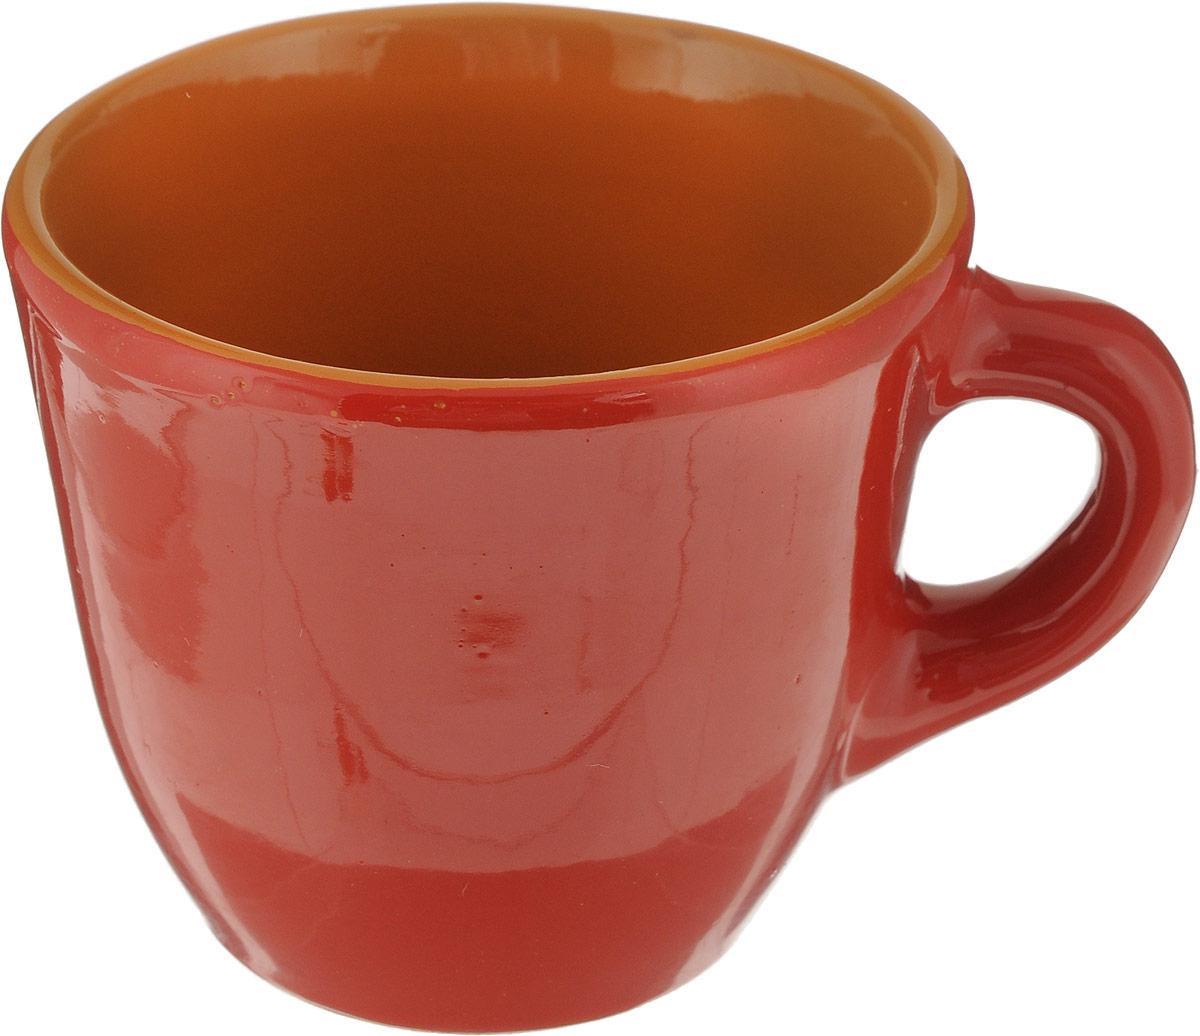 Чашка Борисовская керамика Красный, цвет: красный, 300 млКРС00000633_красныйУдобная чашка Борисовская керамика Красный предназначена для повседневного использования. Она выполнена из высококачественной керамики. Природные свойства этого материала позволяют долго сохранять температуру напитка, даже если вы пьете что-то холодное. Внешние и внутренние стенки покрыты цветной глазурью.Диаметр чашки (по верхнему краю): 10 см.Высота стенки: 8 см.